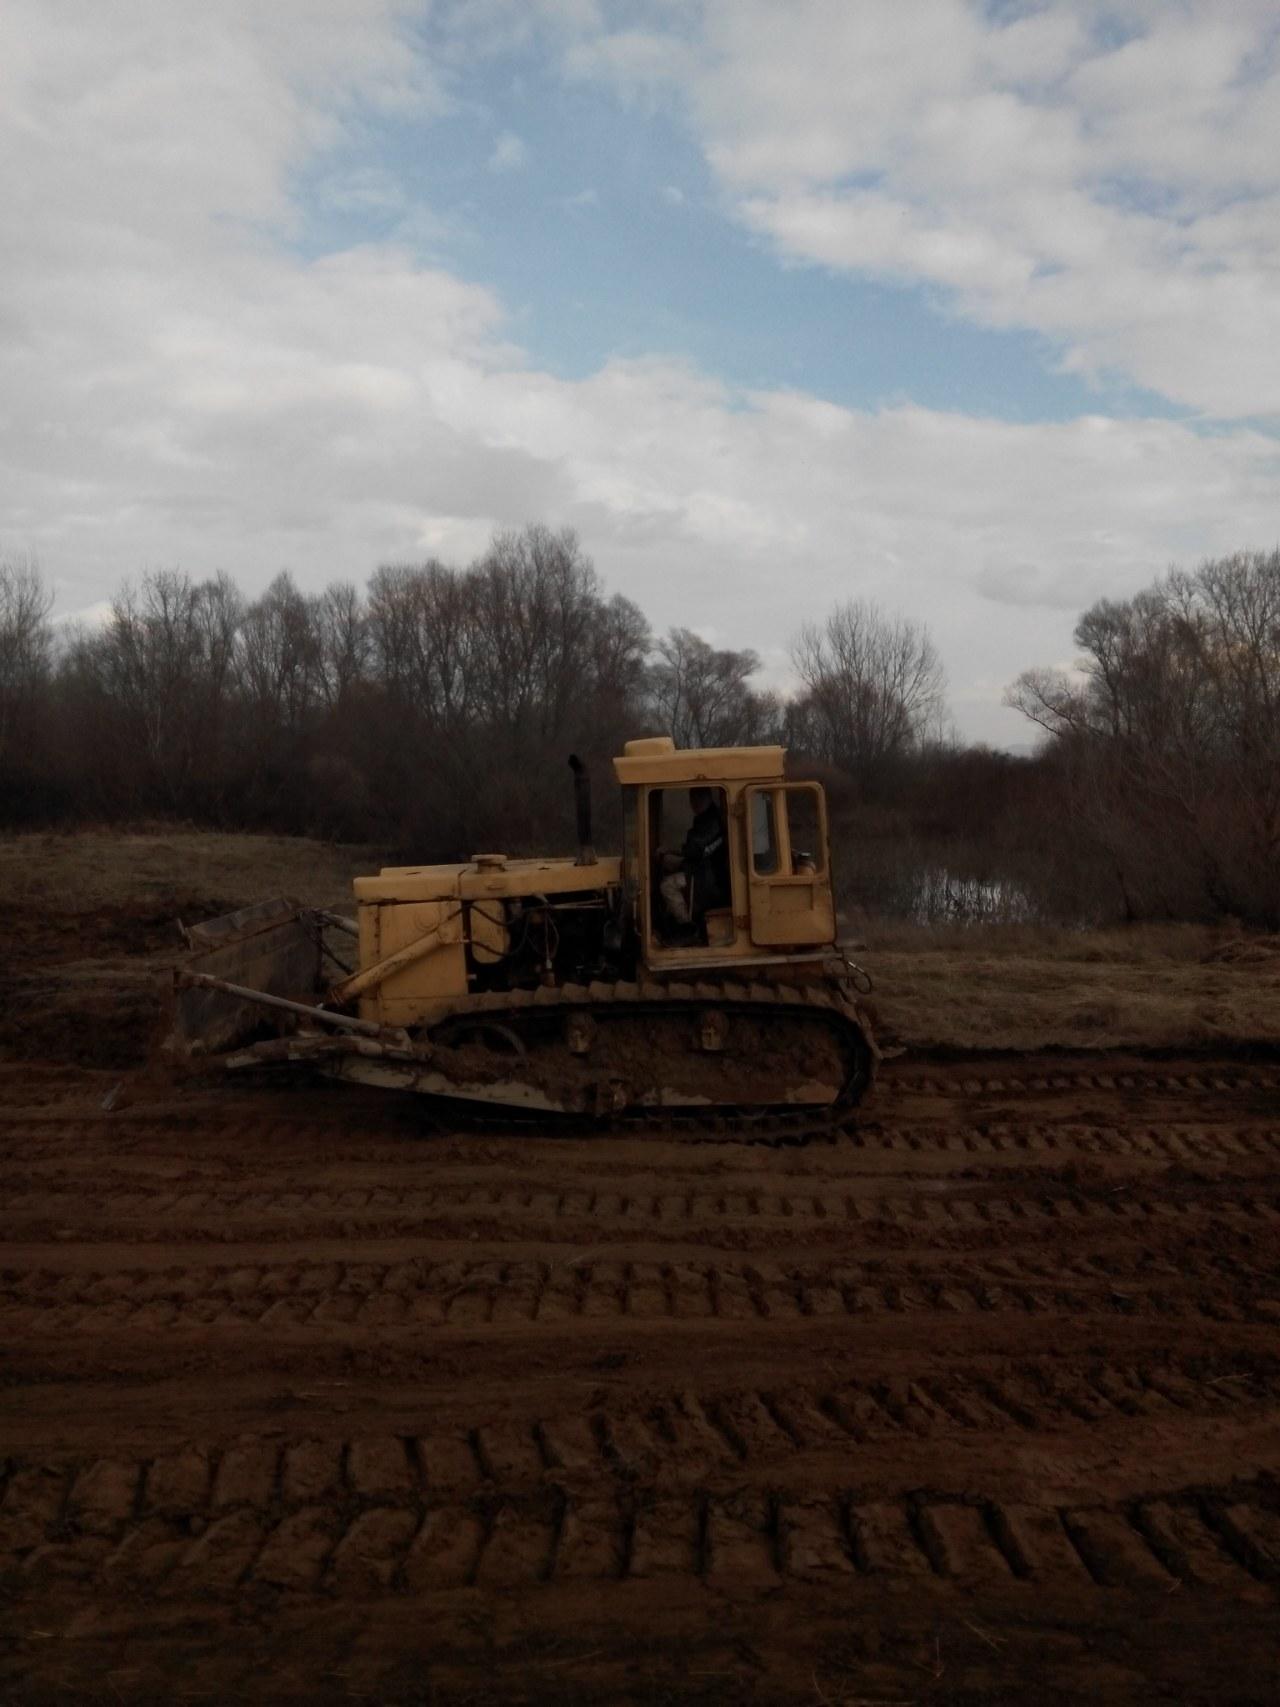 Отмениха бедственото положение в Раднево, продължава изграждането на дига в близост до с. Нова махала